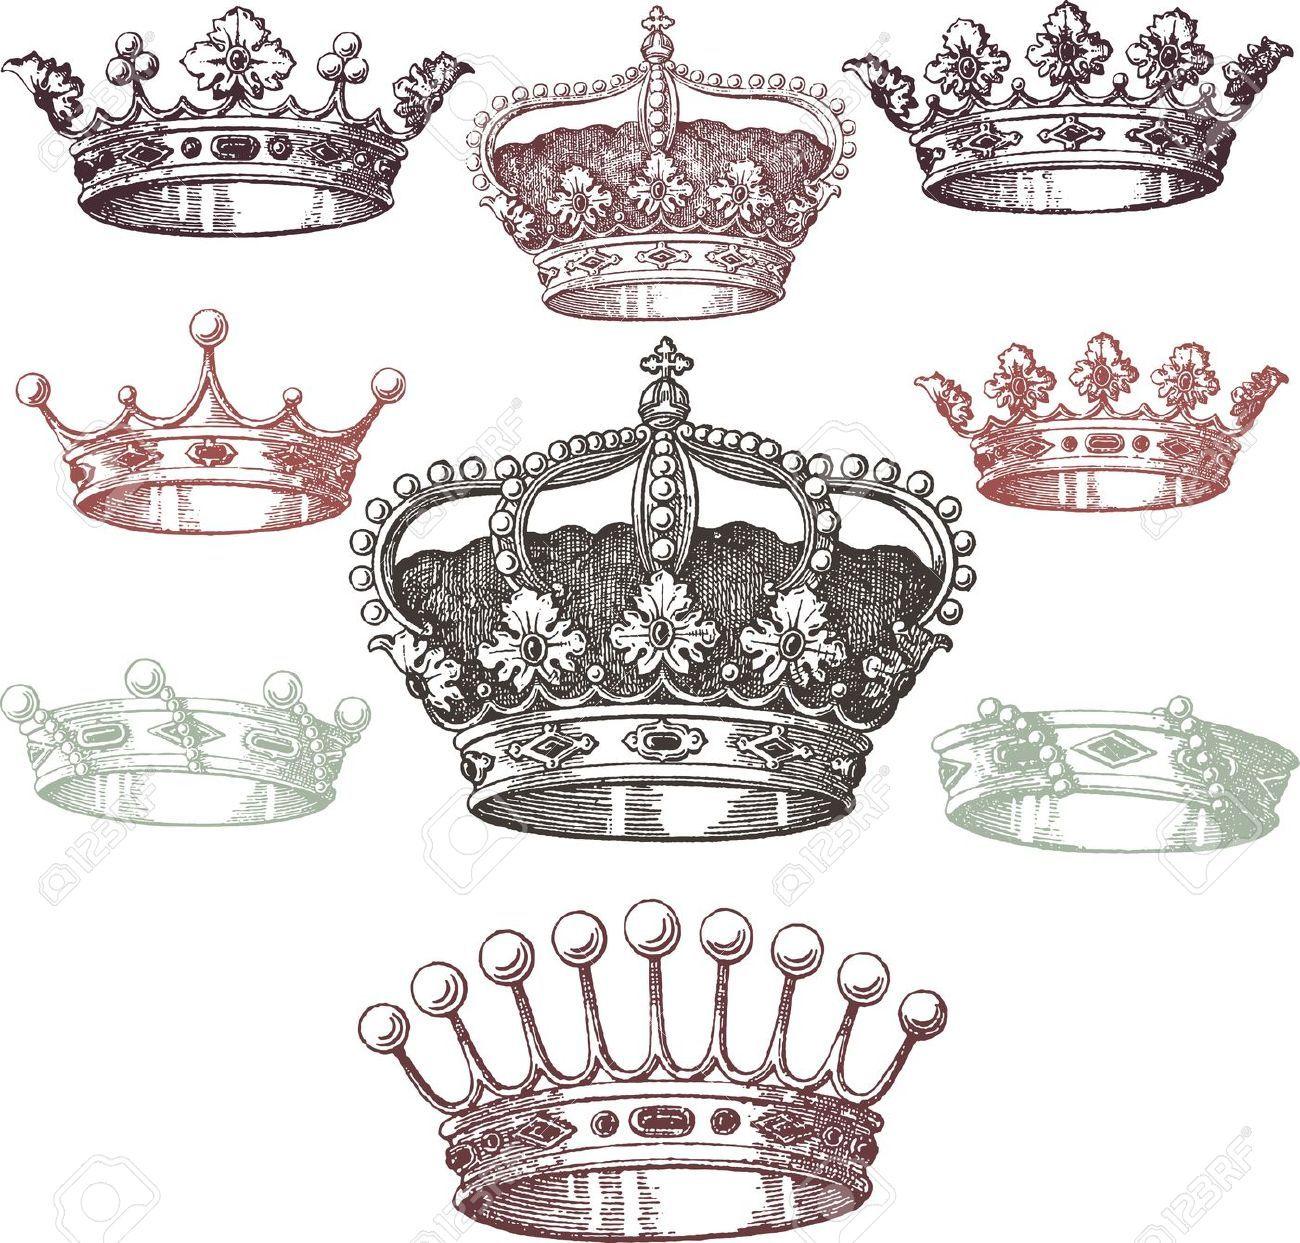 Stock Vector   Crown tattoo design, Tattoo designs, Gem tattoo